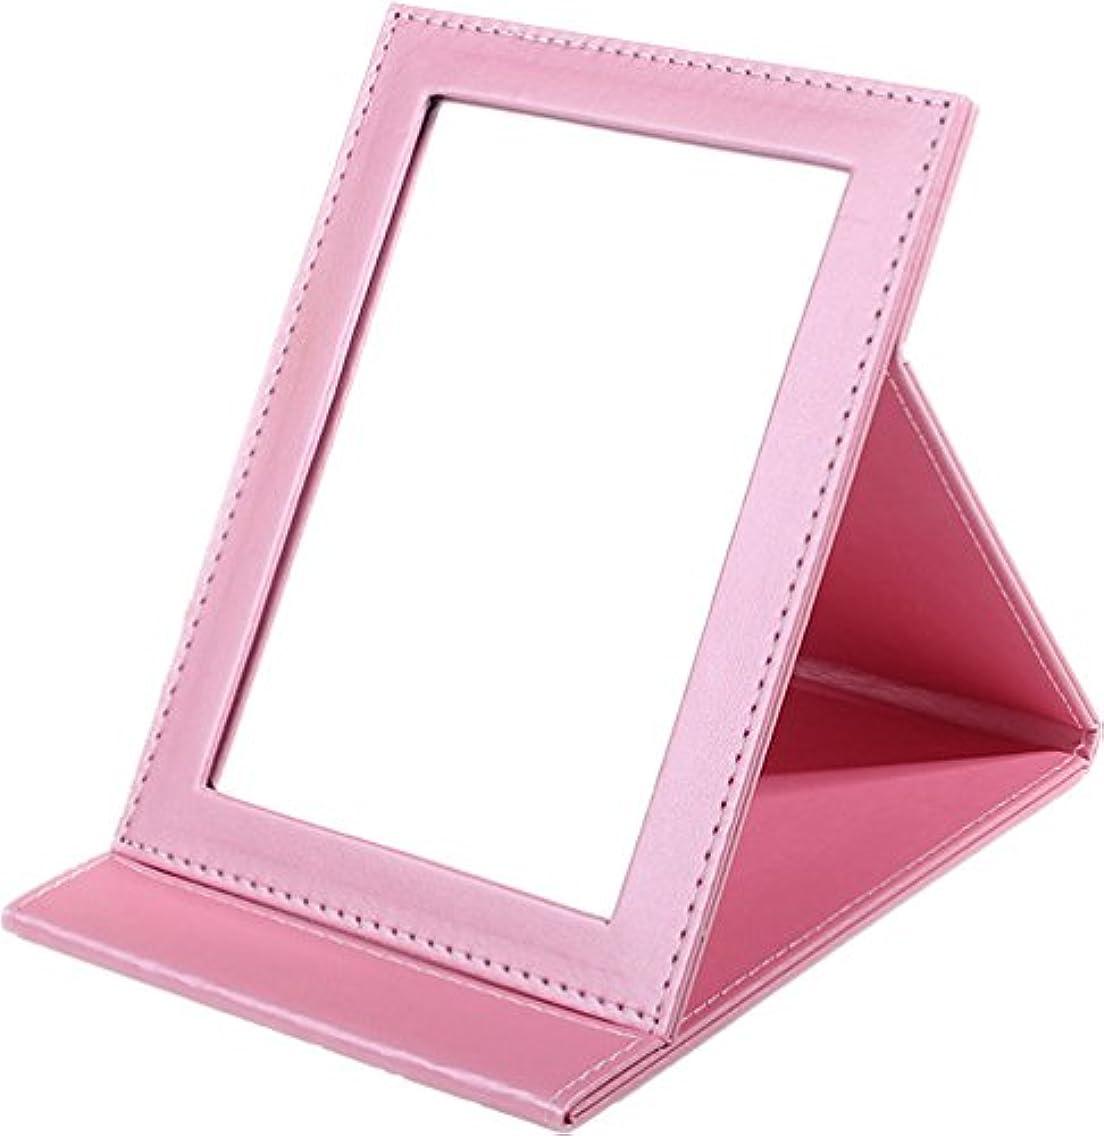 貞赤道組Sunset House 折りたたみミラー レザー 鏡 ピンク 小 中 大 3サイズ (L)